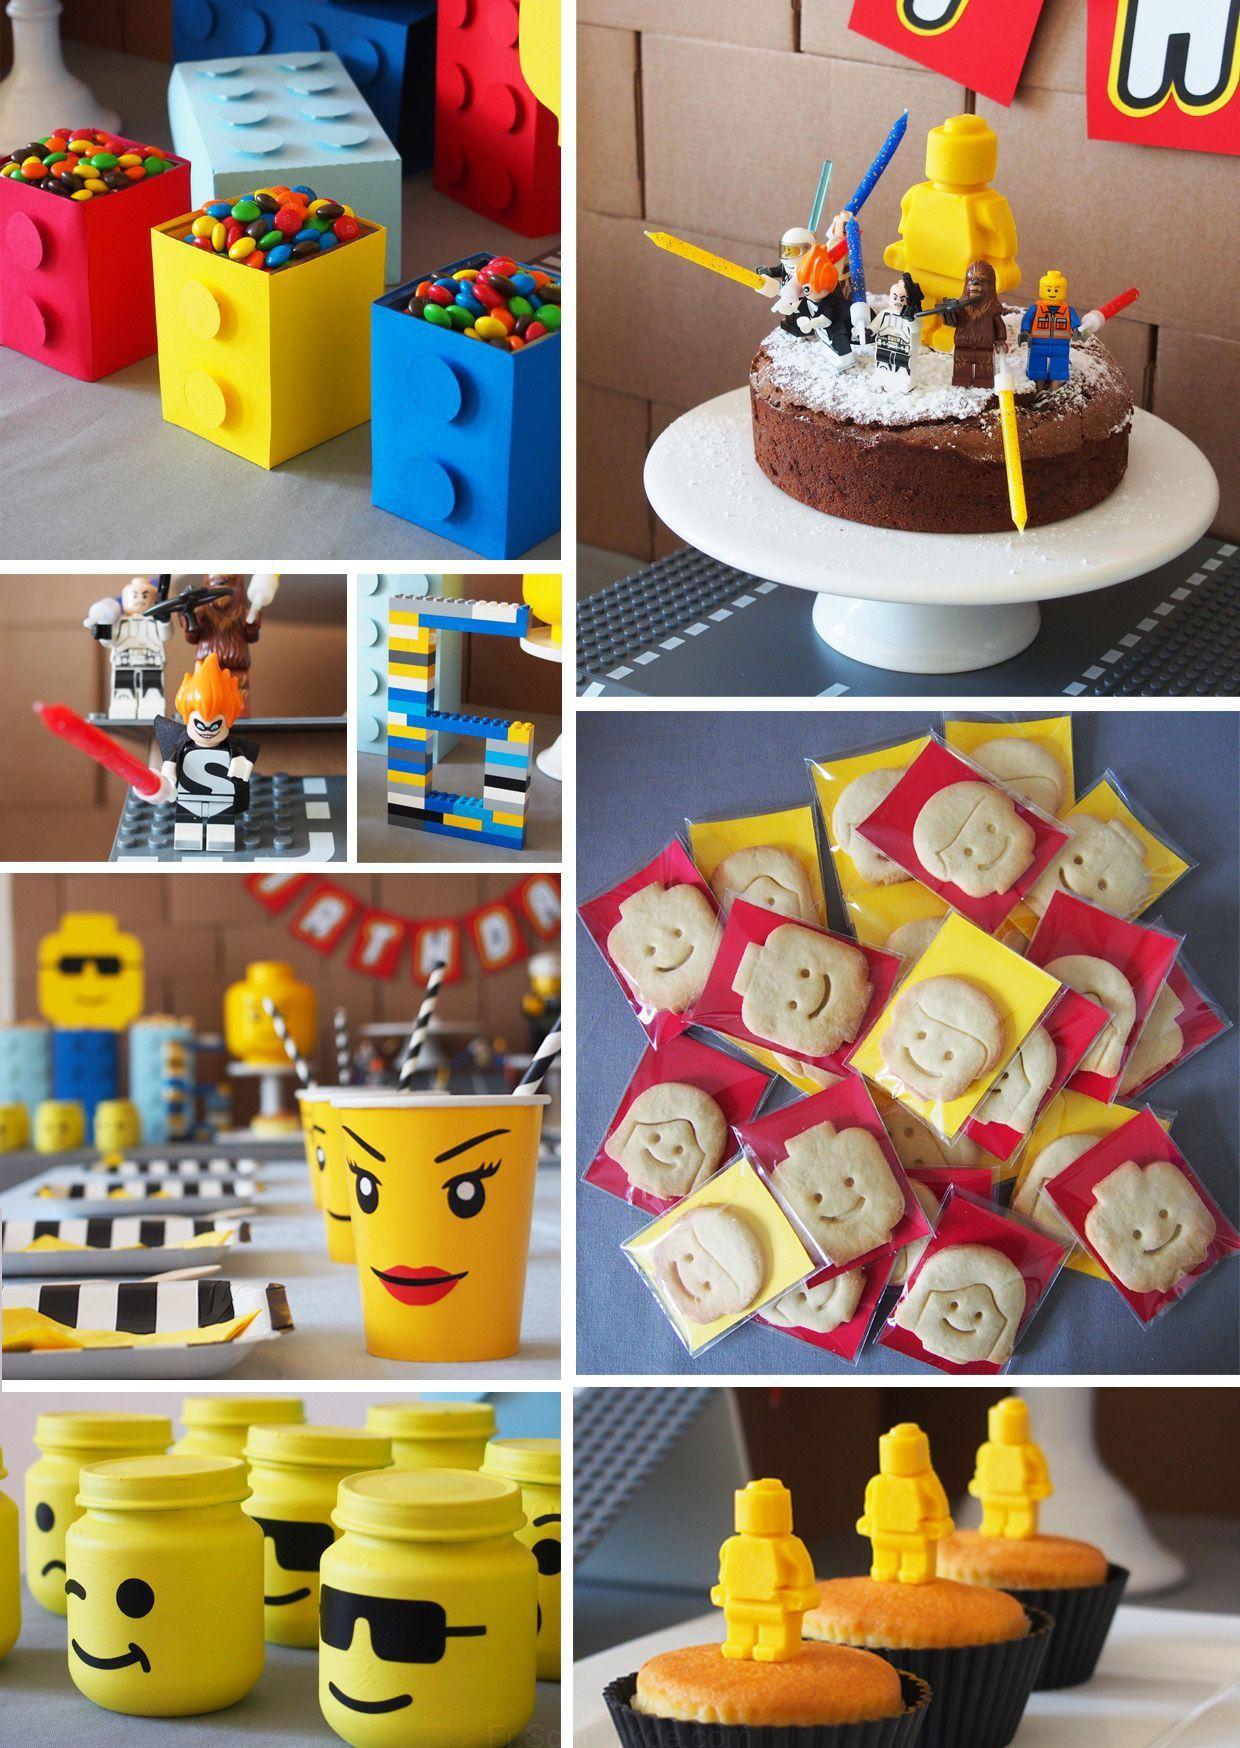 Lego Partie | Decoration anniversaire garcon, Anniversaire garçon 6 ans, Thème anniversaire garçon